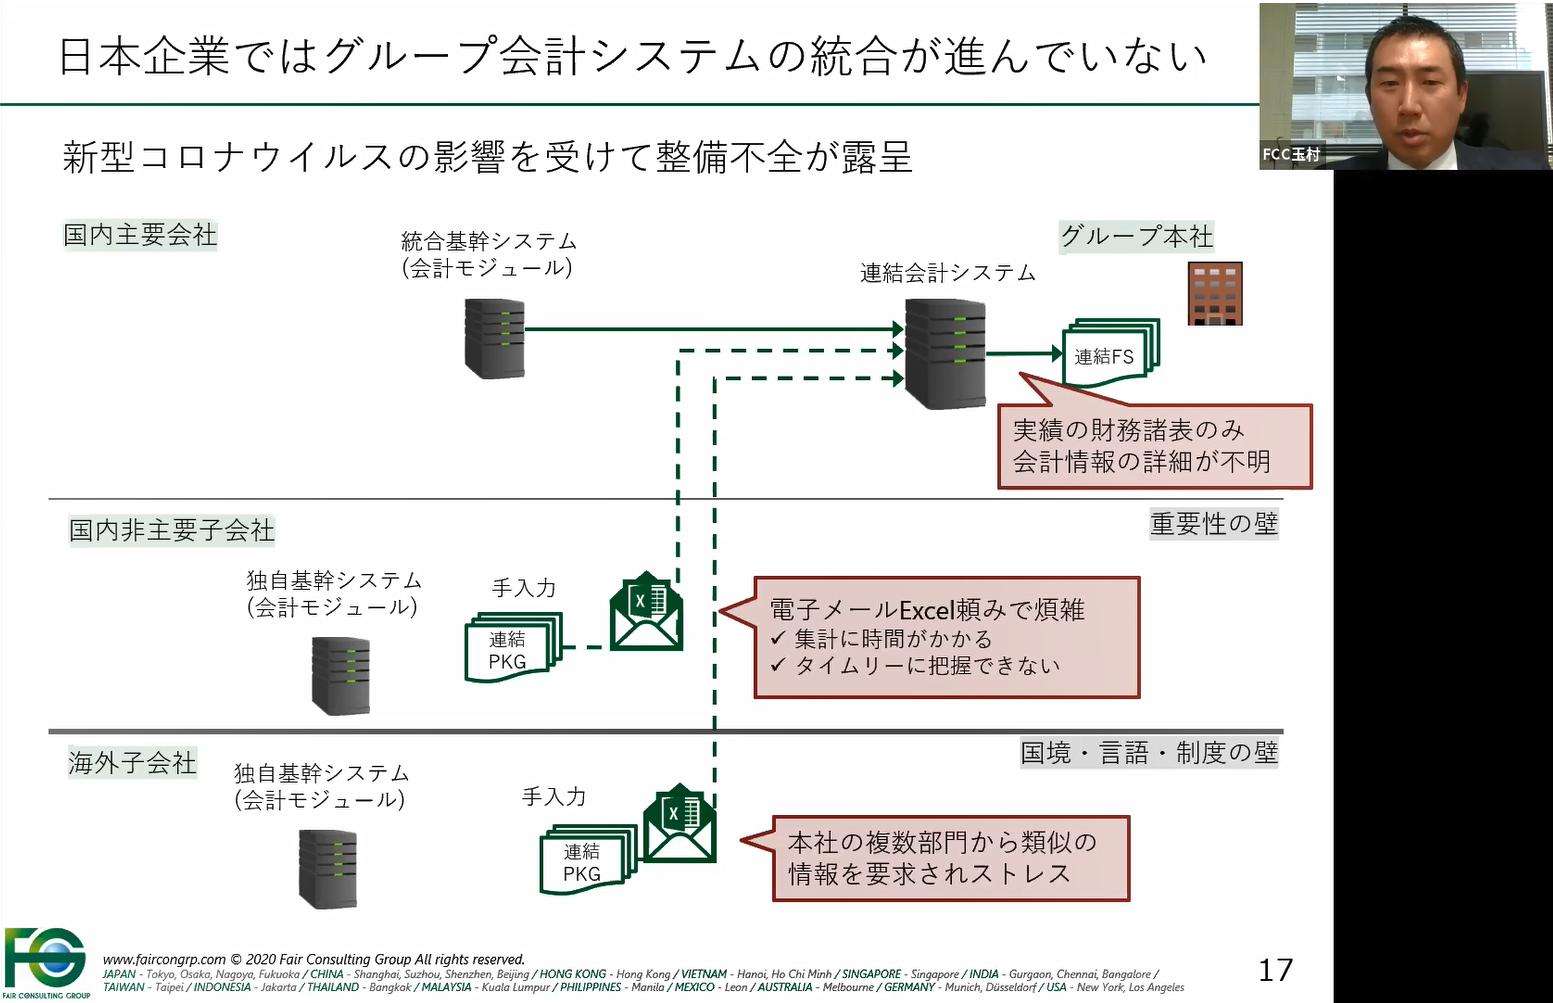 日本企業は欧米企業ほど会計システムの統合が進んでいない